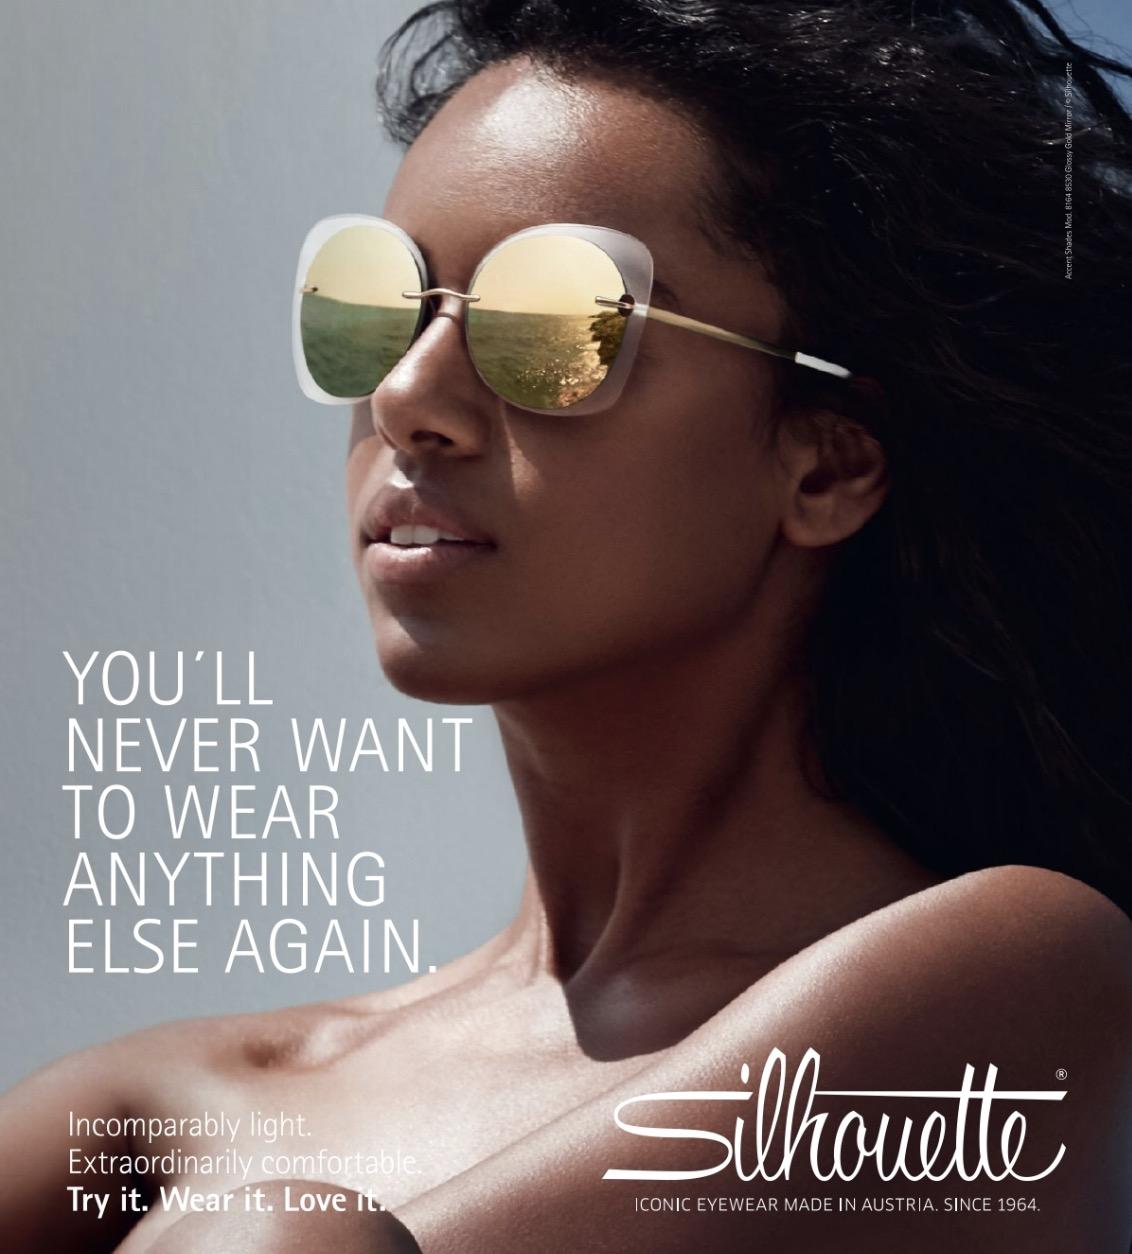 Silhouette Sunglasses